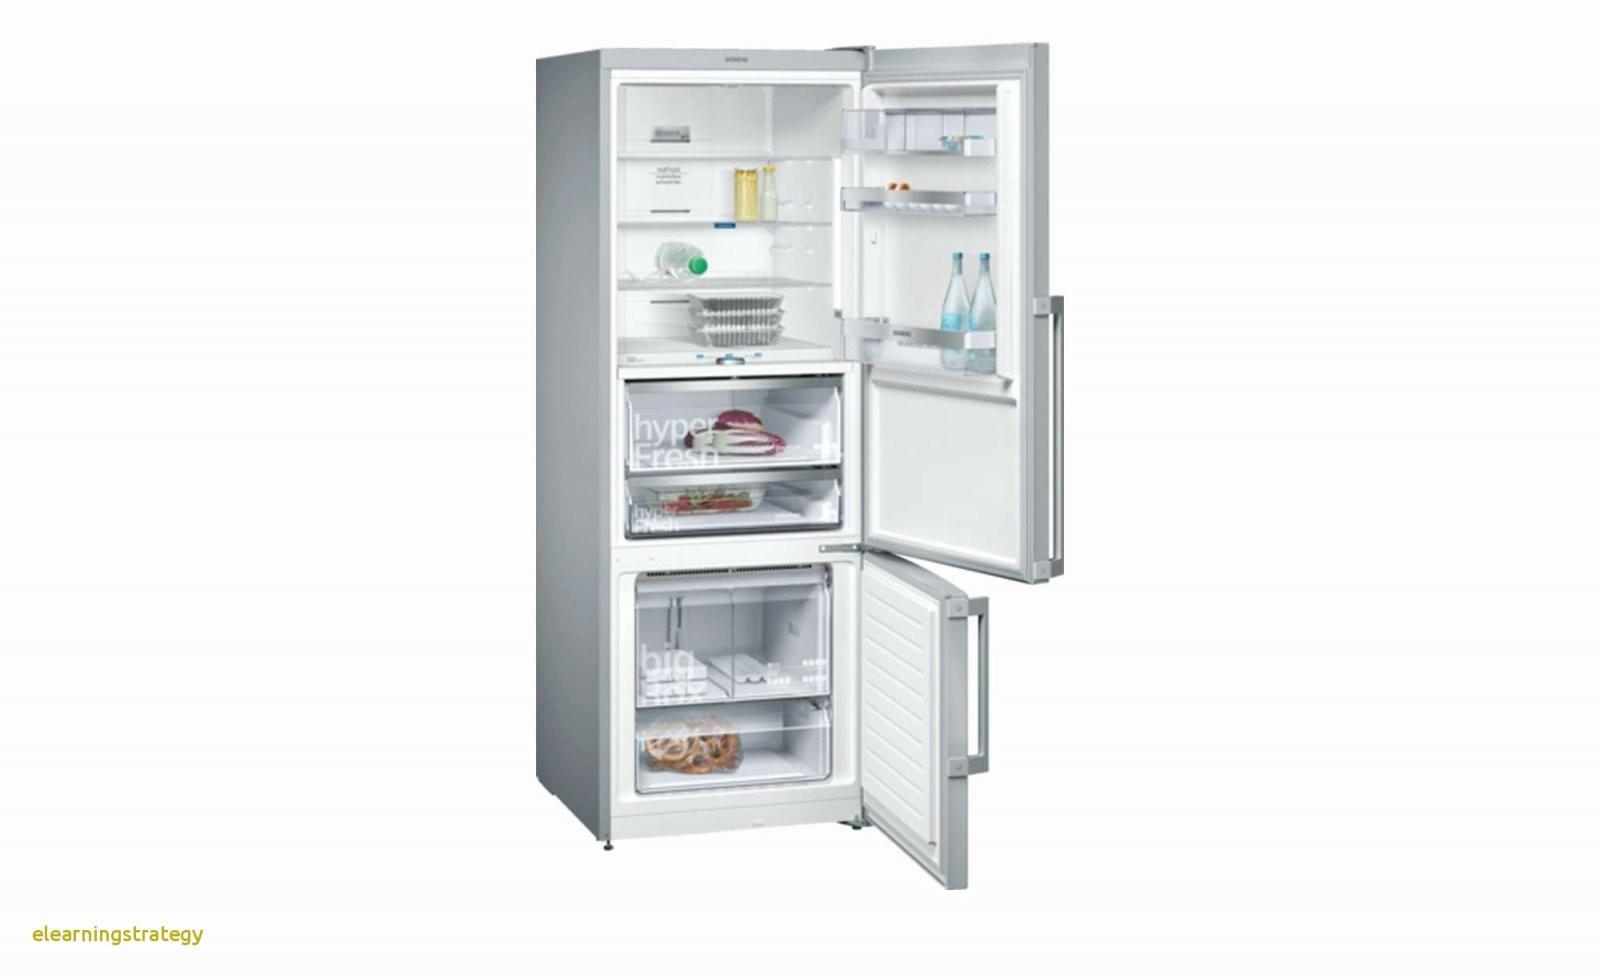 Kühlschrank Freistehend Ohne Gefrierfach  Ccpserbia von Kühlschrank Ohne Gefrierfach Freistehend Bild